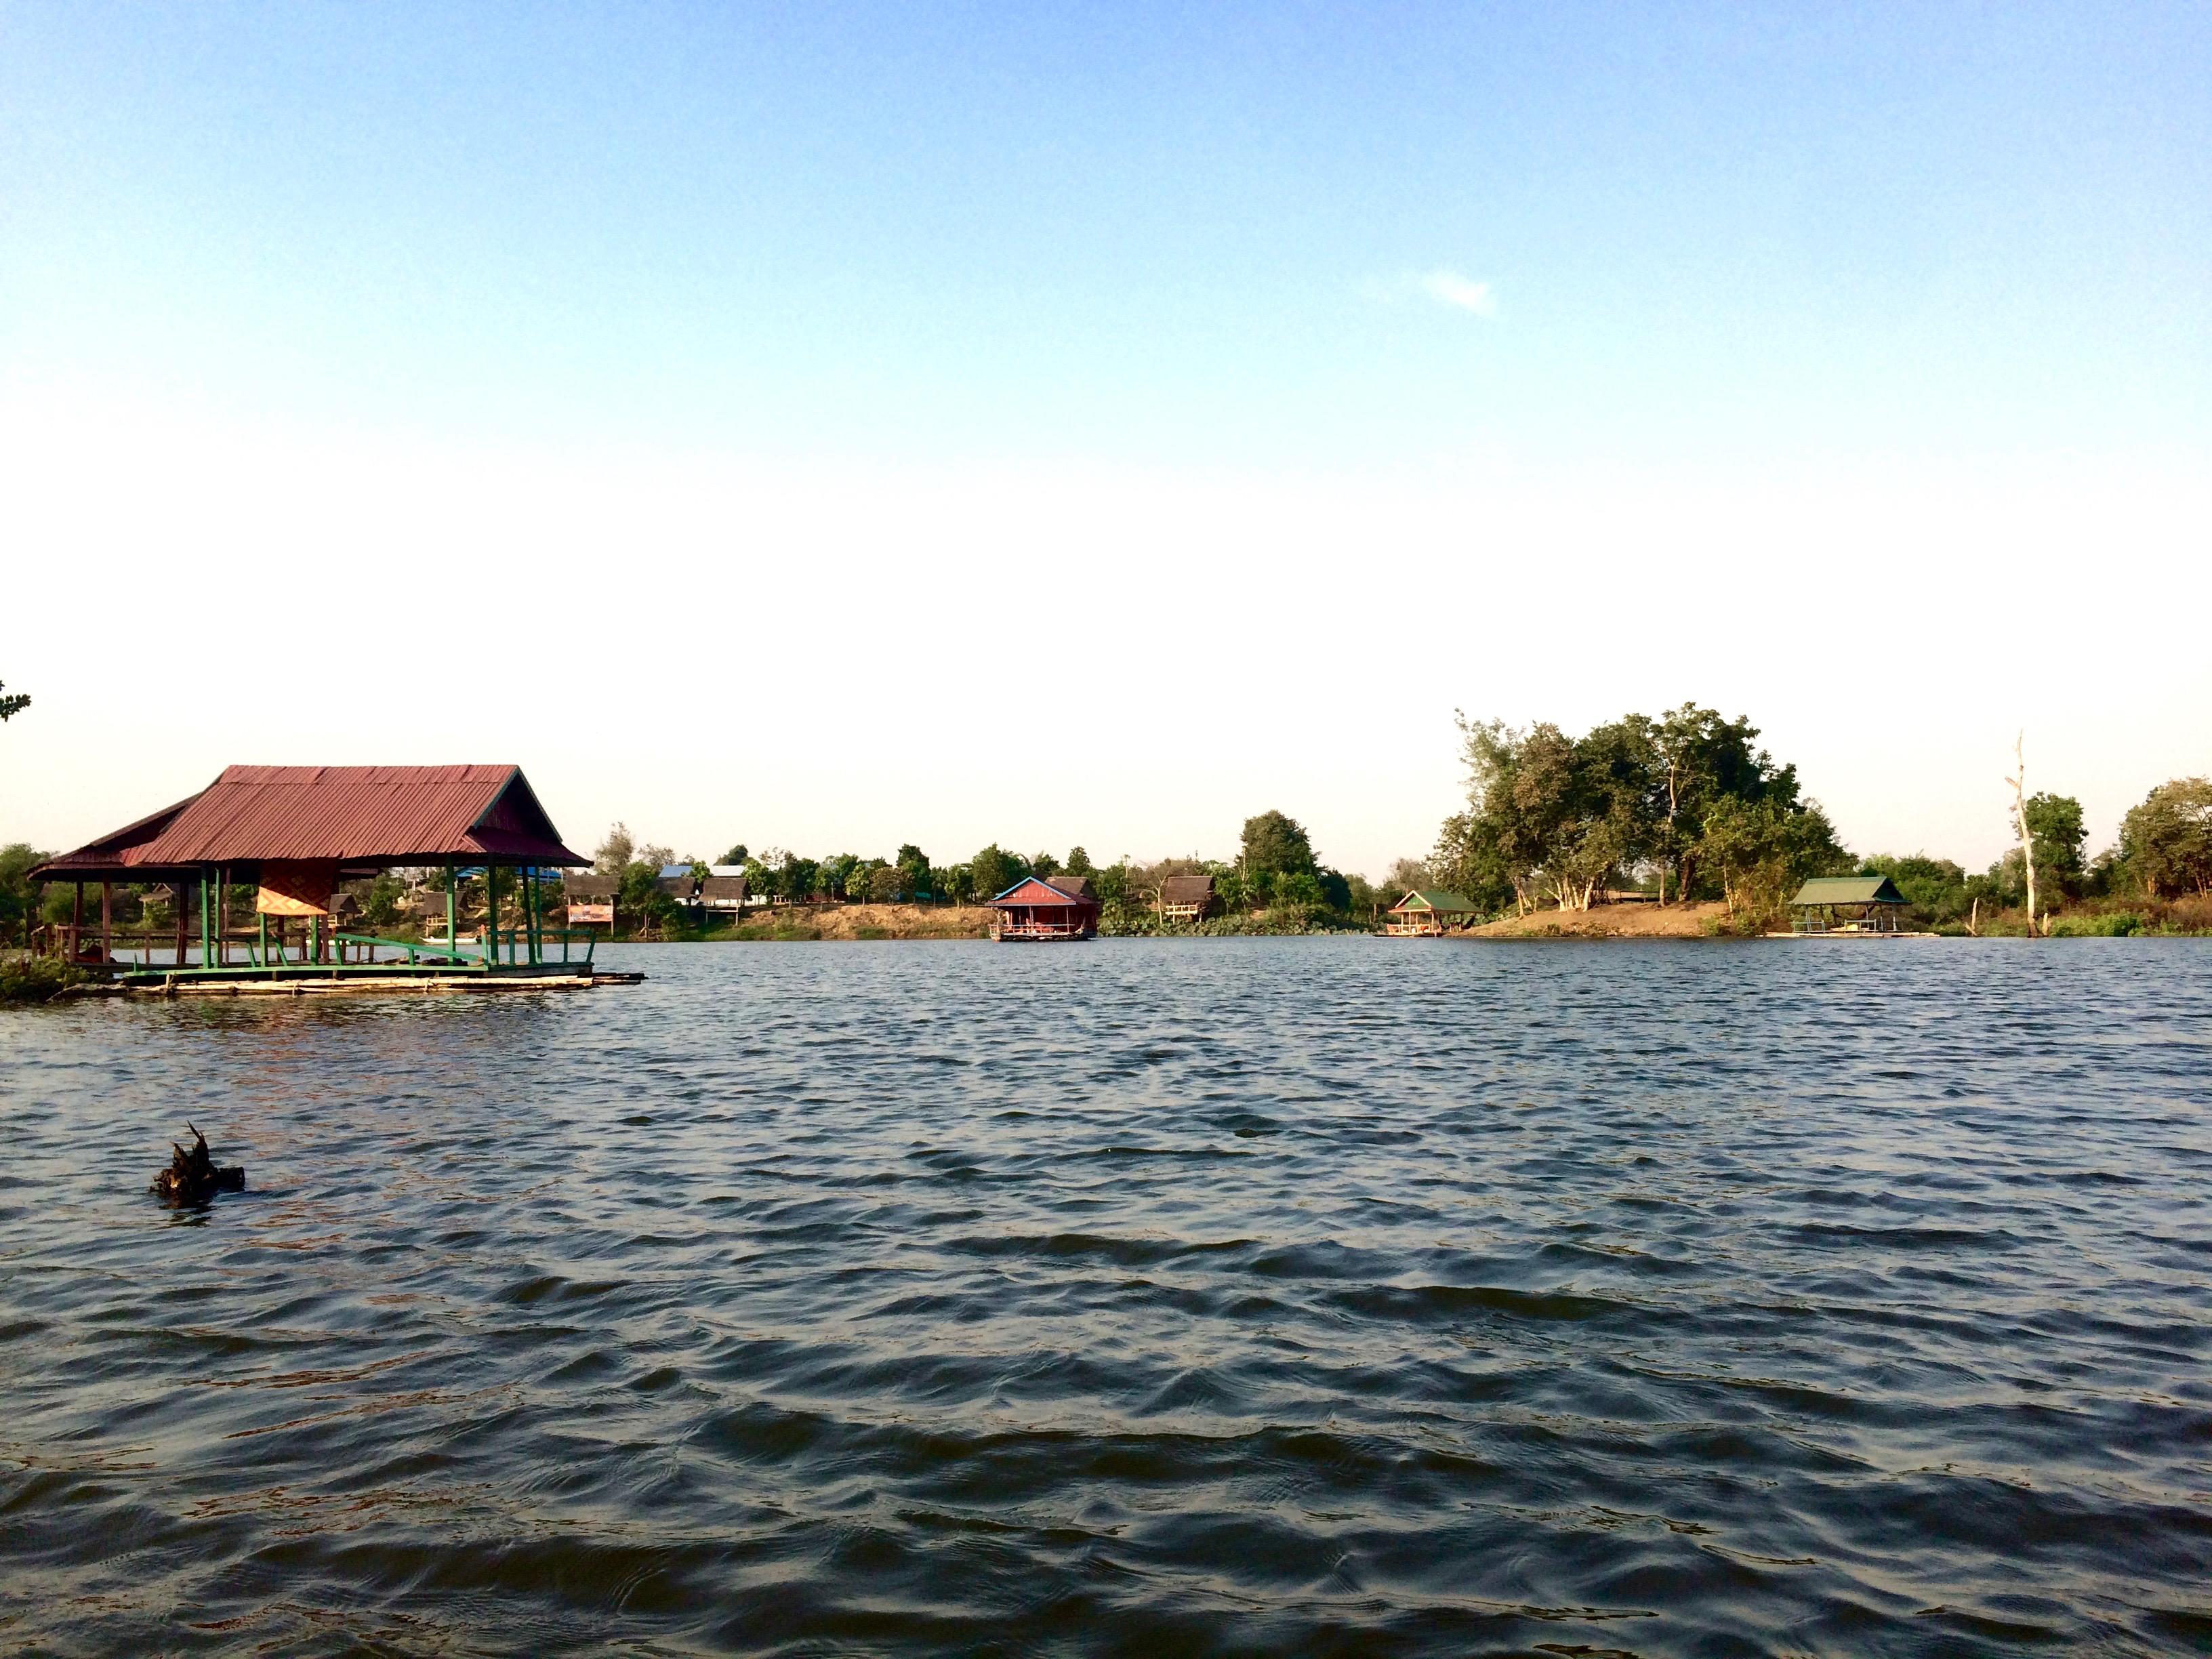 Reisetipp Kambodscha: Battambang ist eine willkommende Abwechlsung vom Trubel in Kambodscha